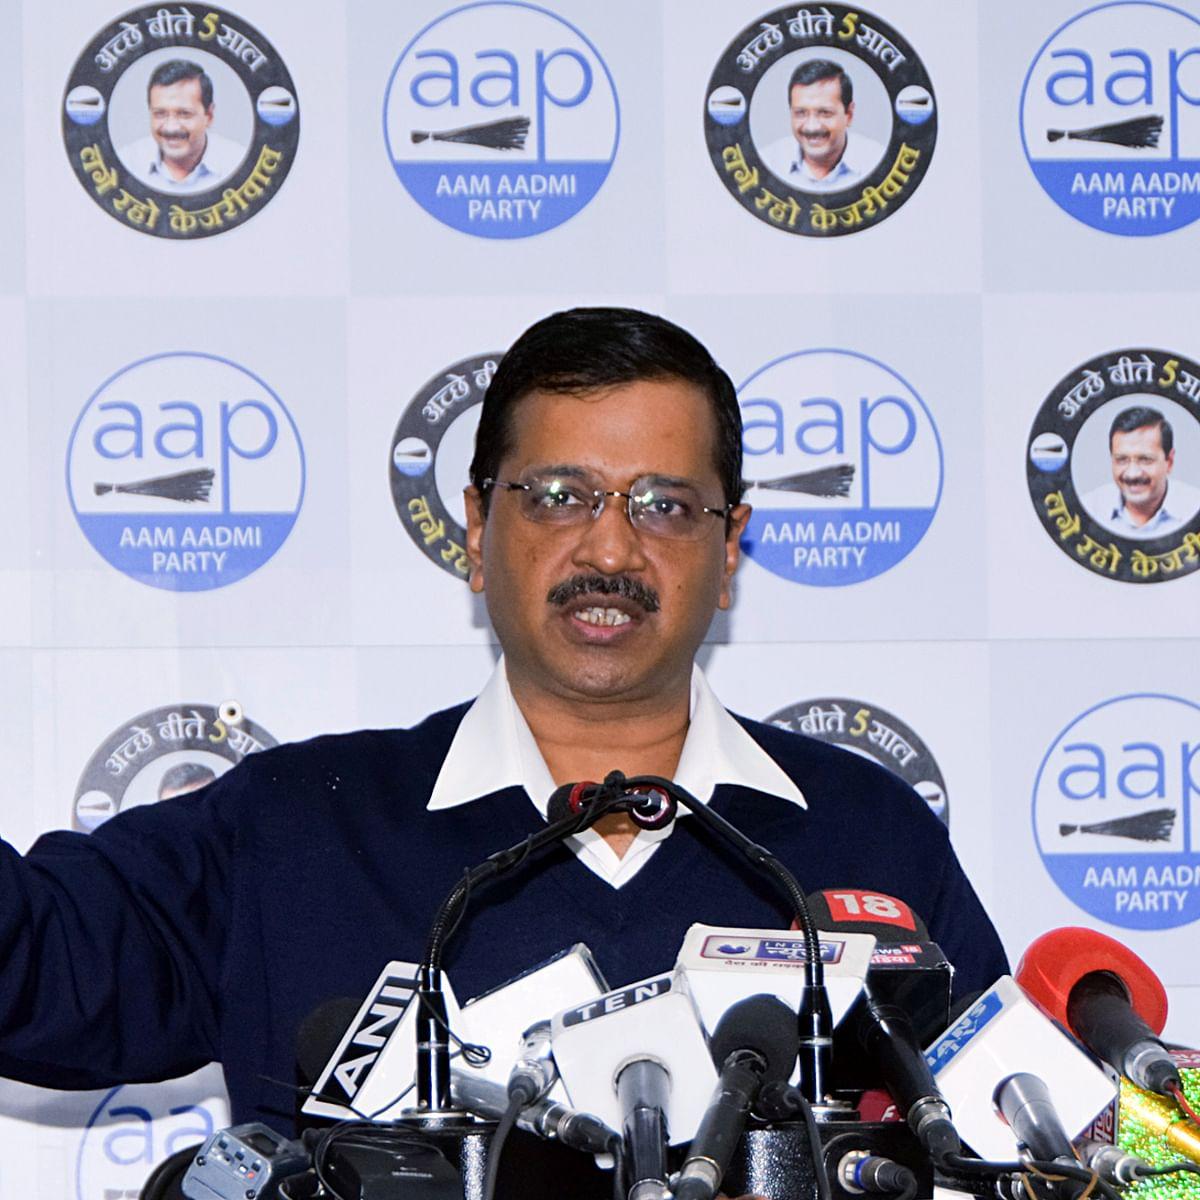 'Lage Raho Kejriwal': Vishal Dadlani composes AAP's campaign song ahead of Delhi elections 2020